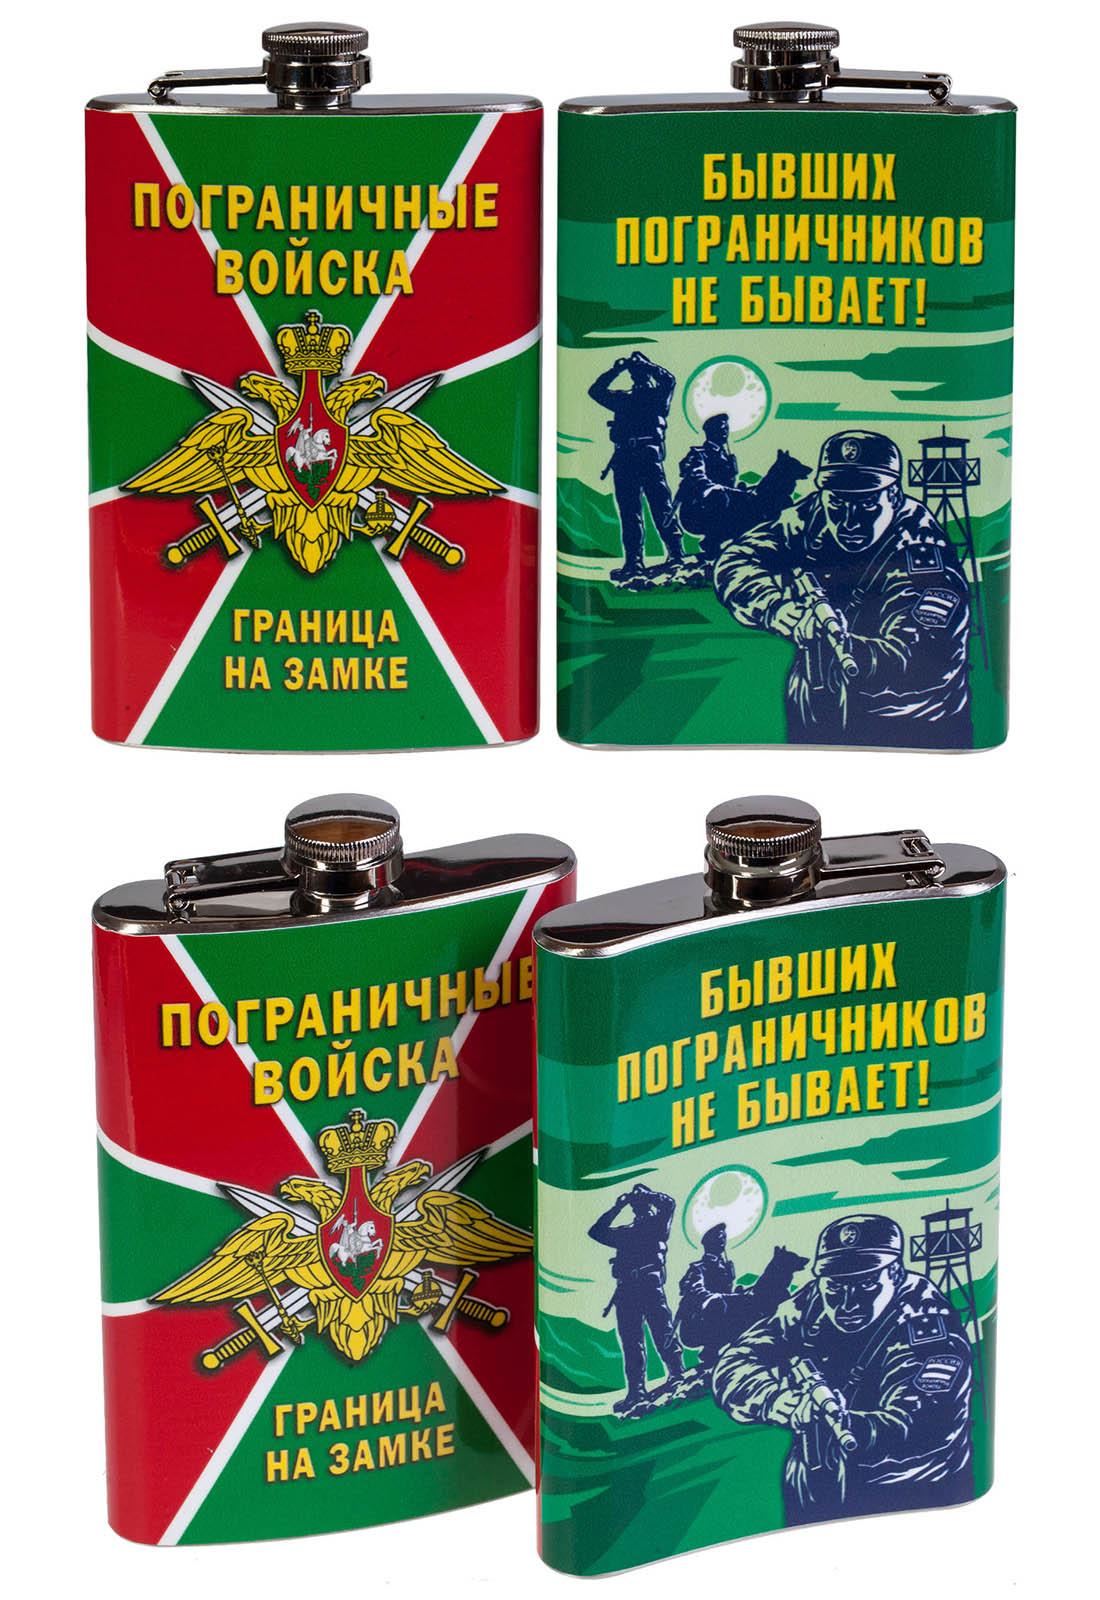 Фляжка Пограничные войска с доставкой